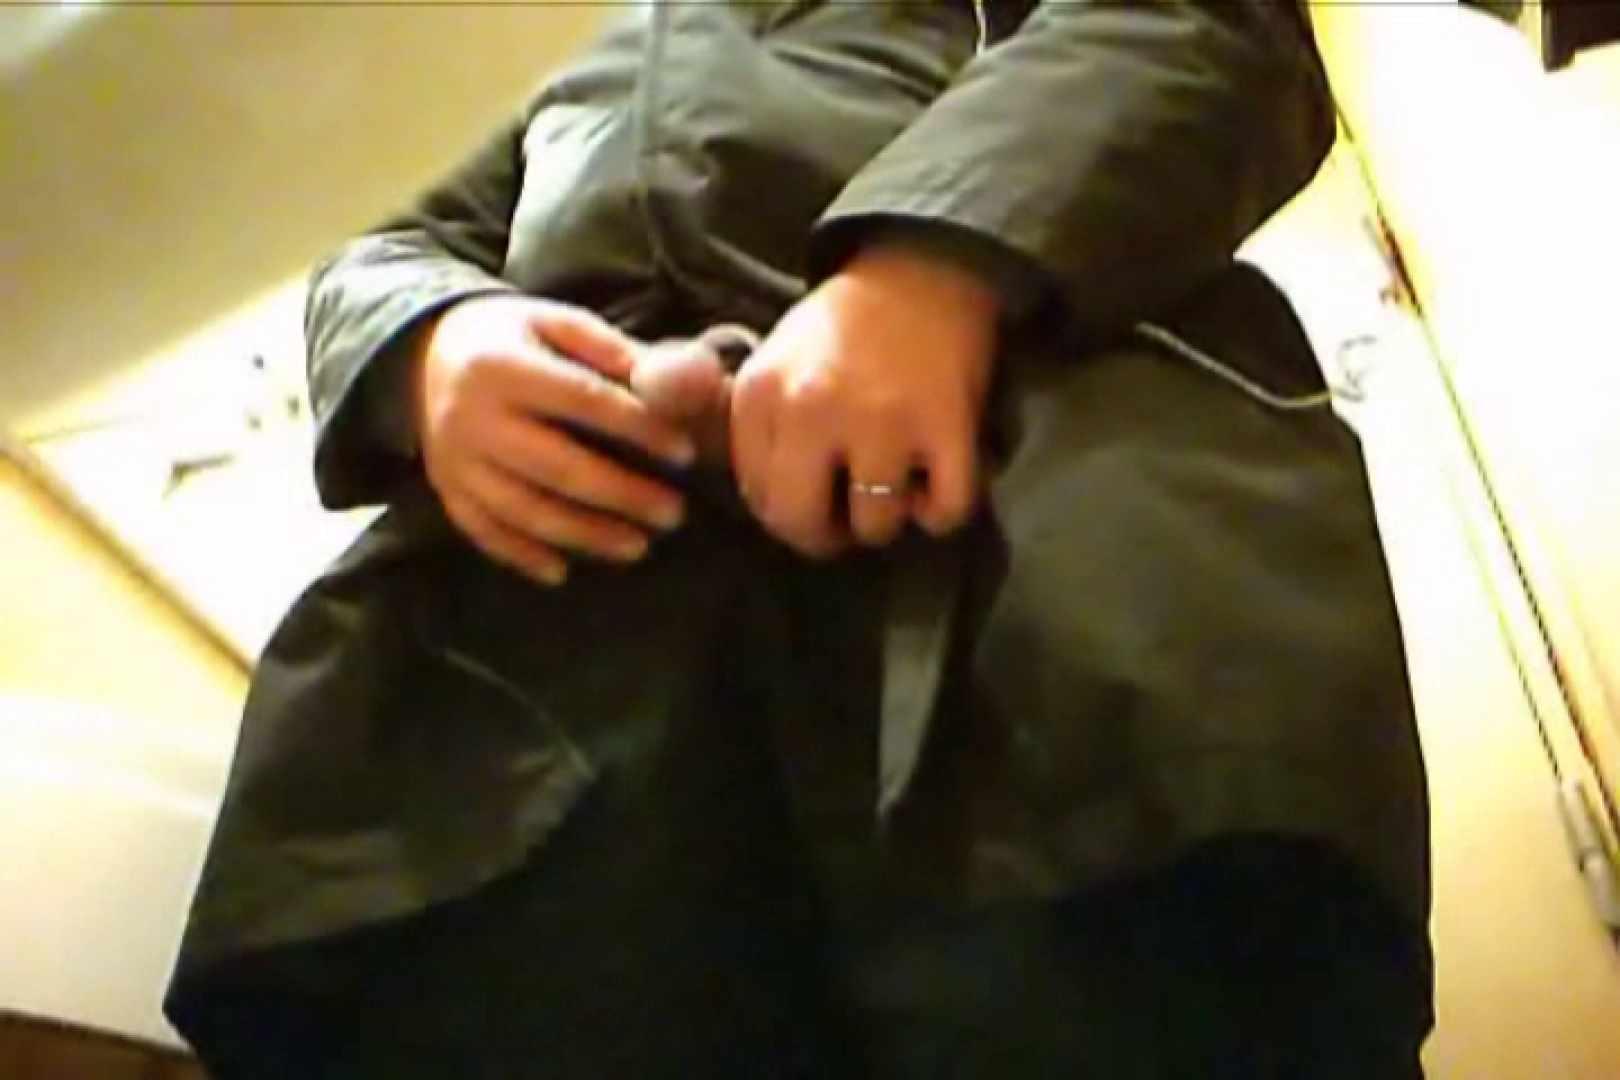 Gボーイ初投稿!掴み取りさんの洗面所覗き!in新幹線!VOL.15 投稿 | おやじ熊系ボーイズ  102pic 60